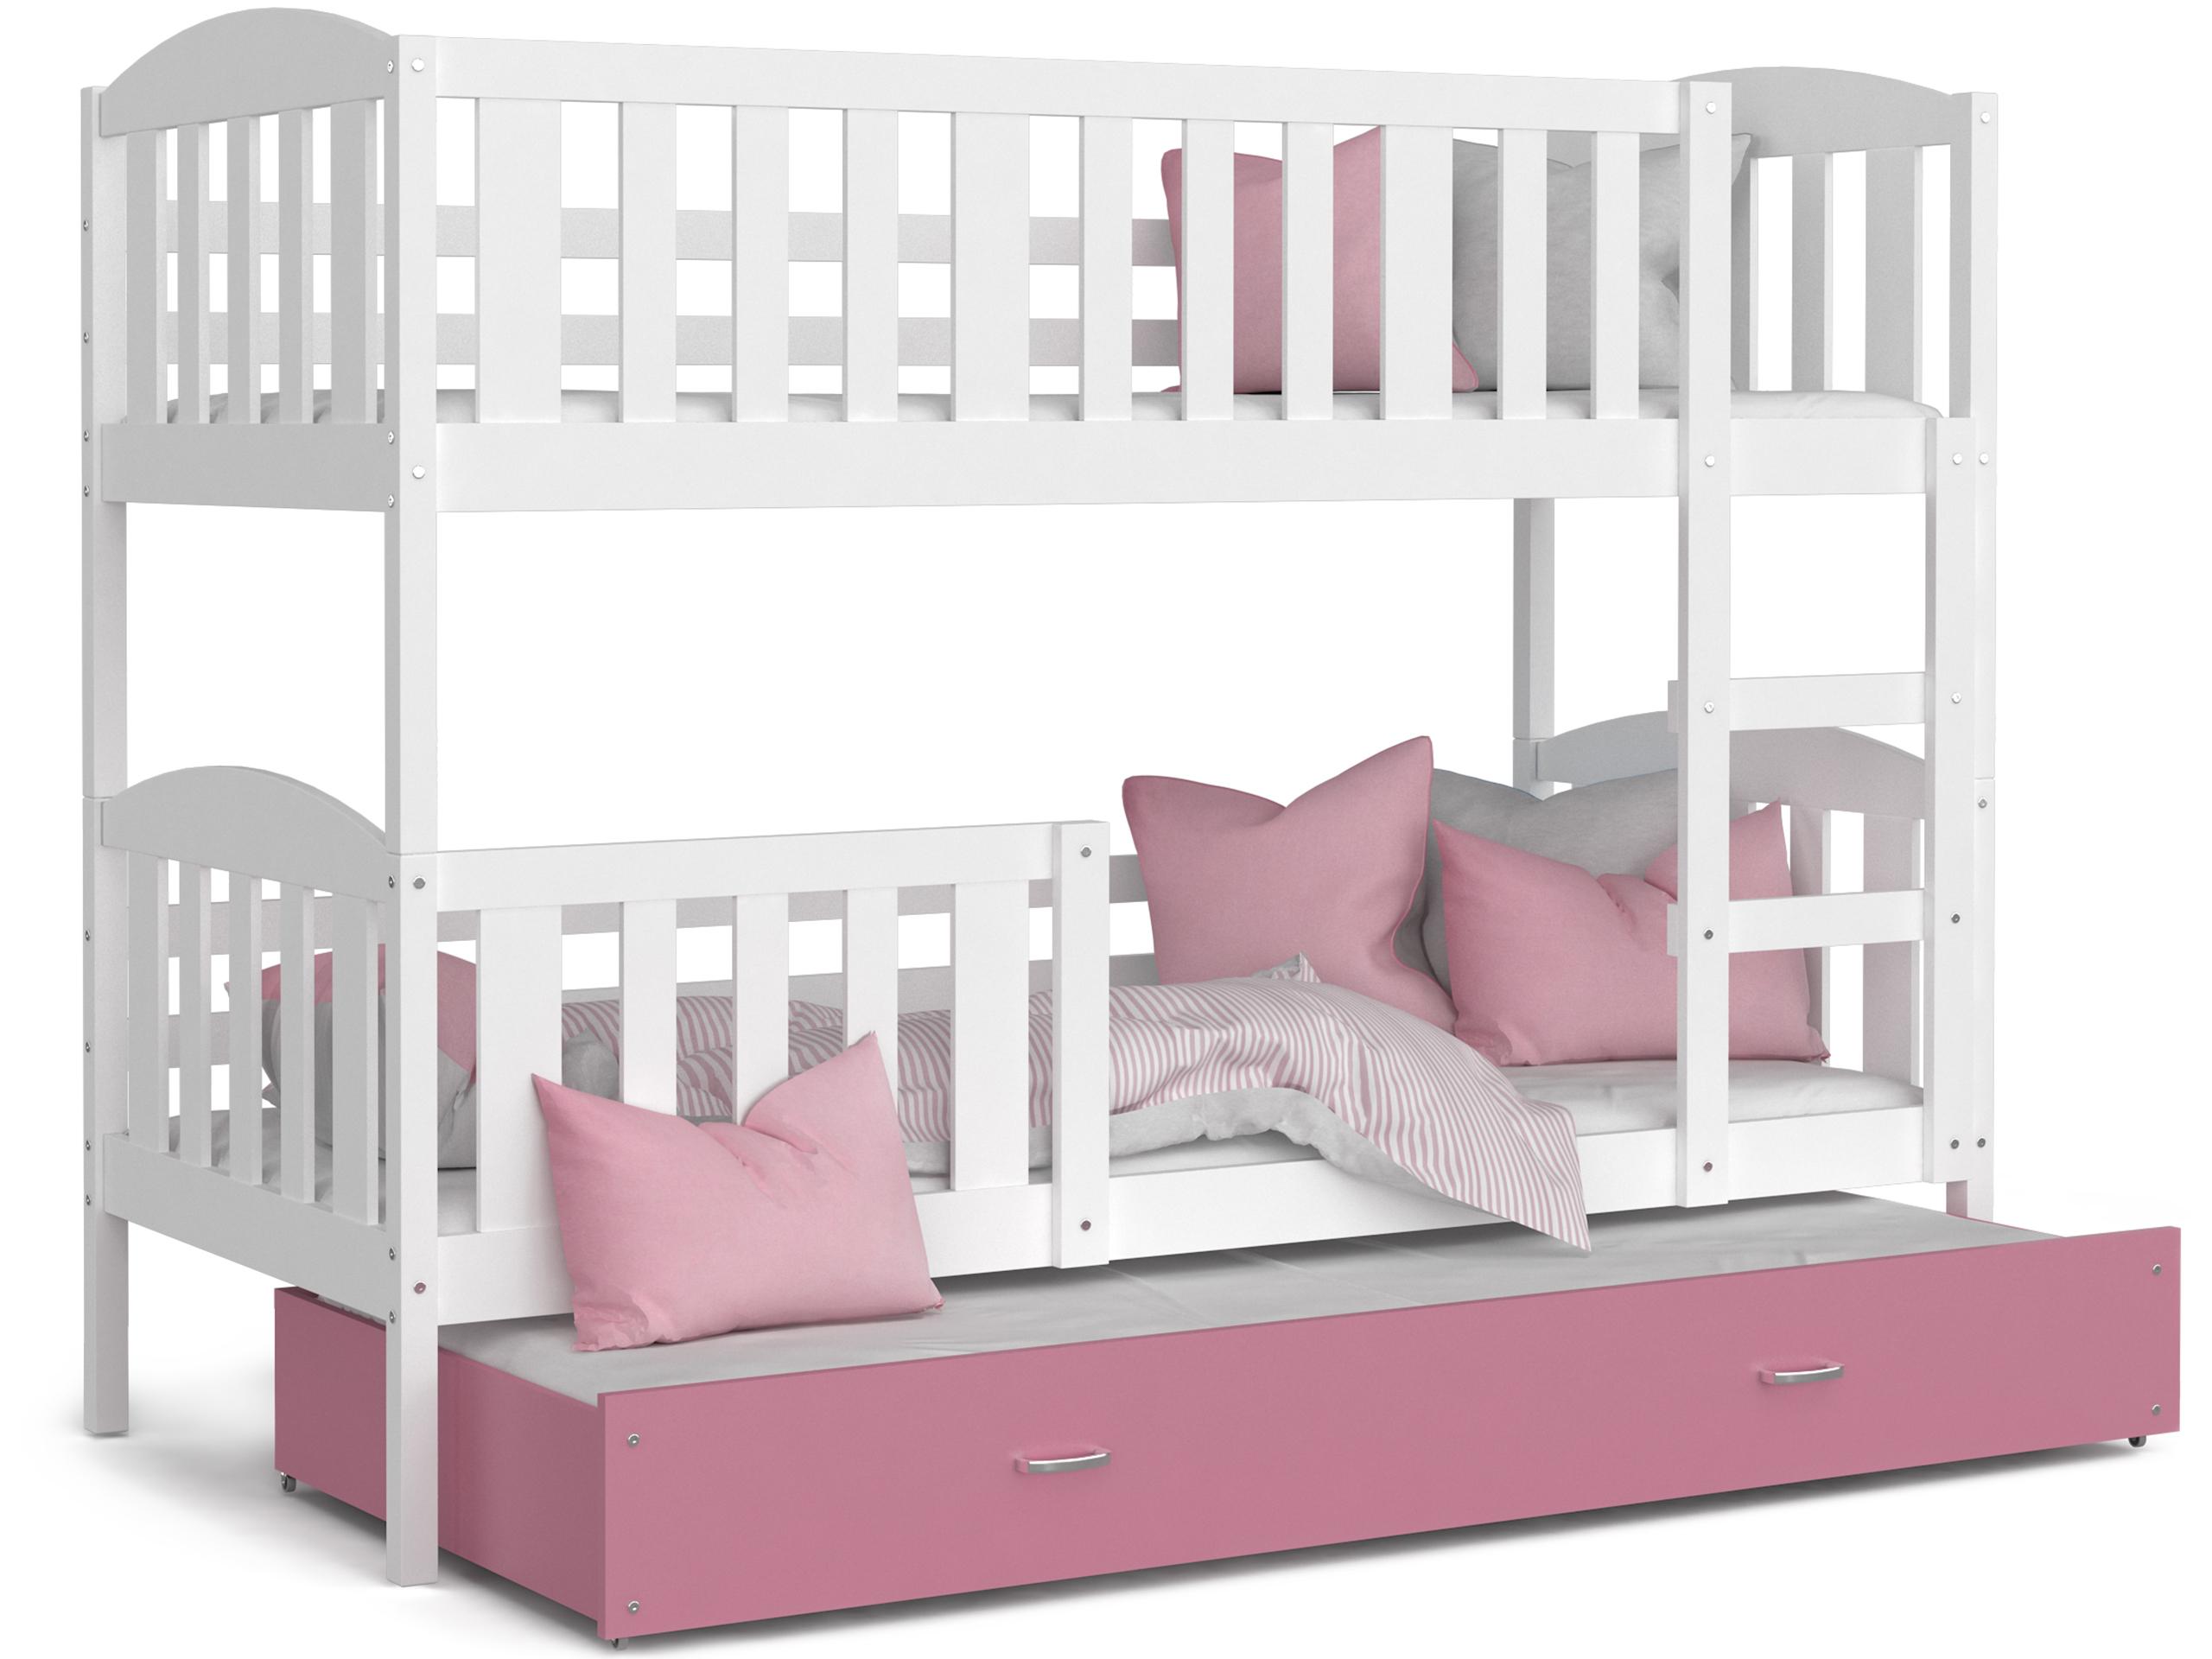 ArtAJ Detská poschodová posteľ Kubuš 3 Farba: Sivá